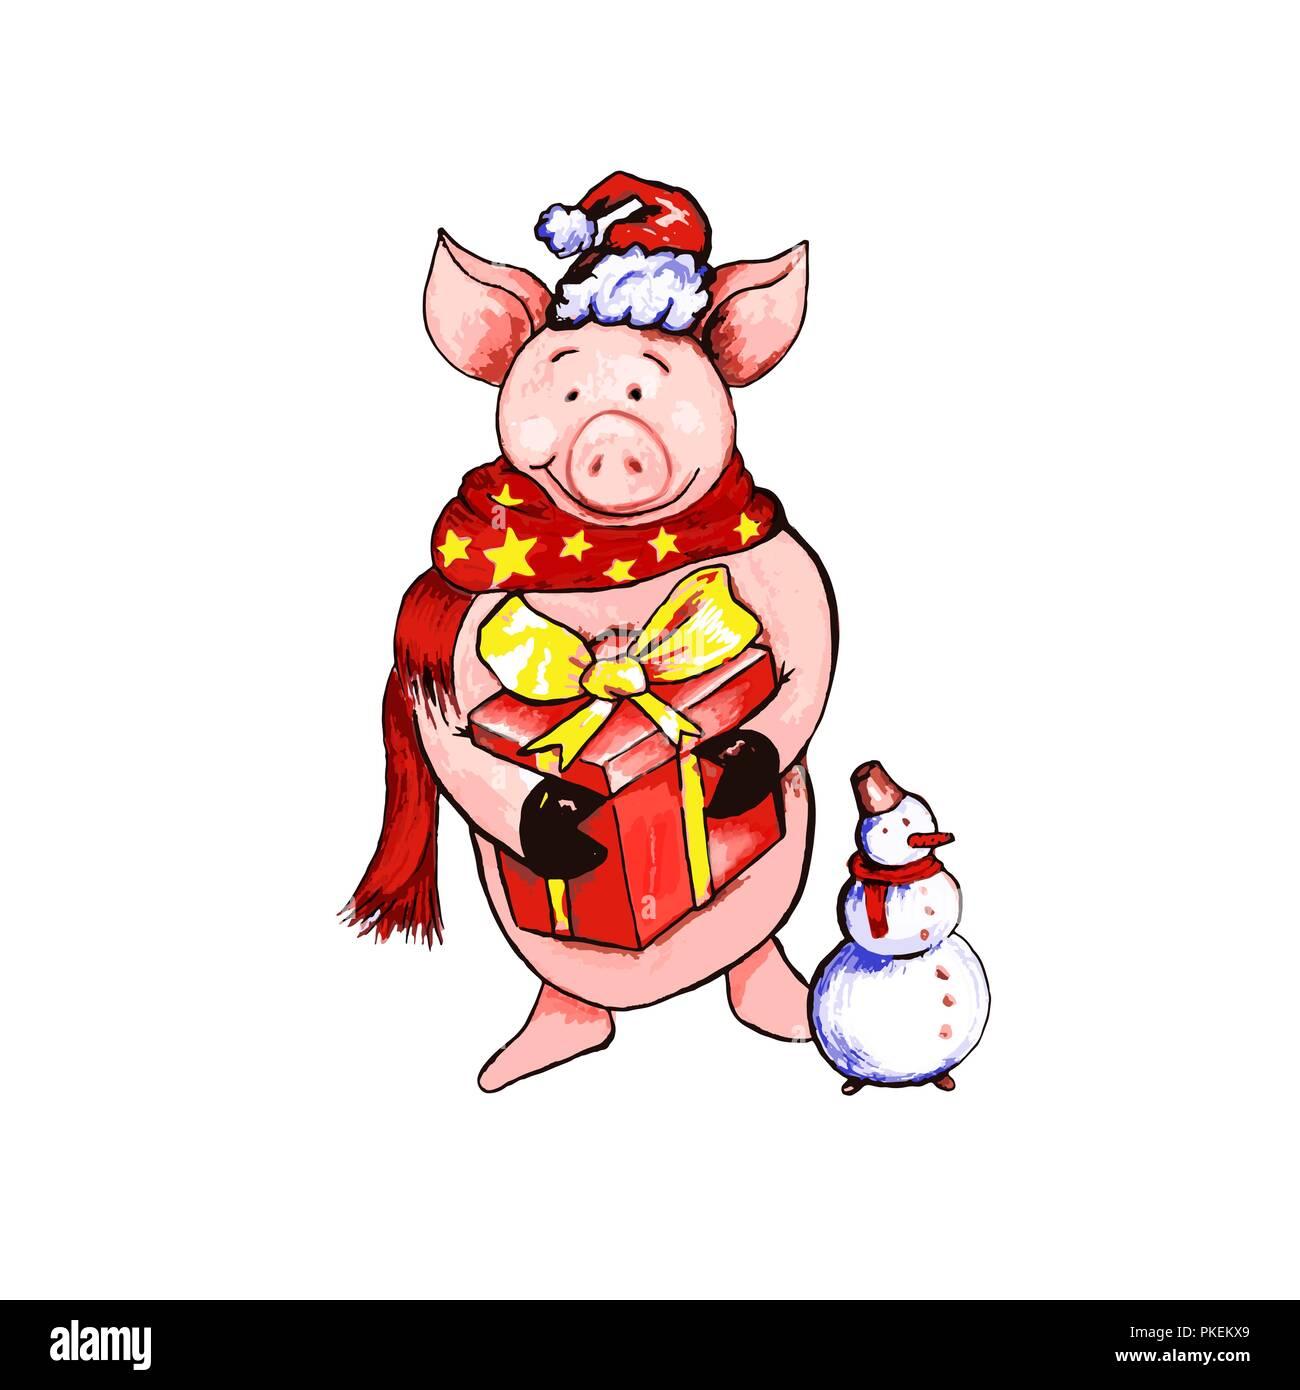 Schweinejahr Stockfotos & Schweinejahr Bilder - Alamy